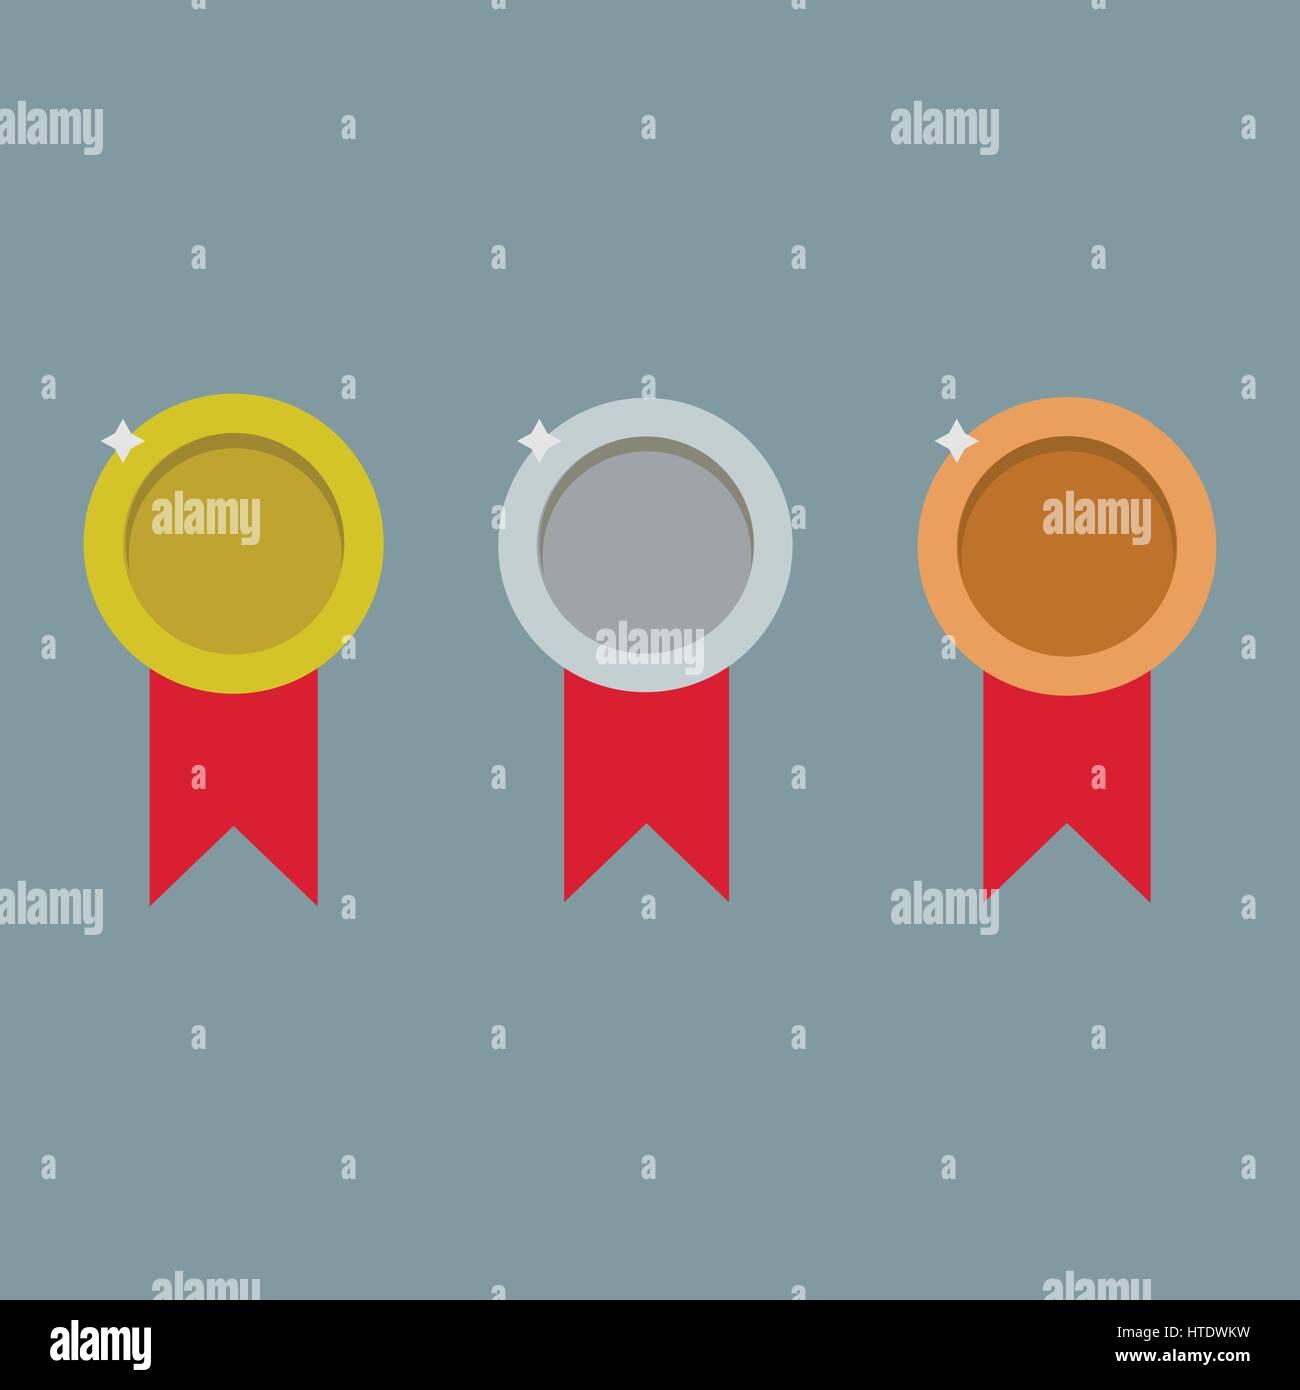 Medals logo illustration - Stock Vector